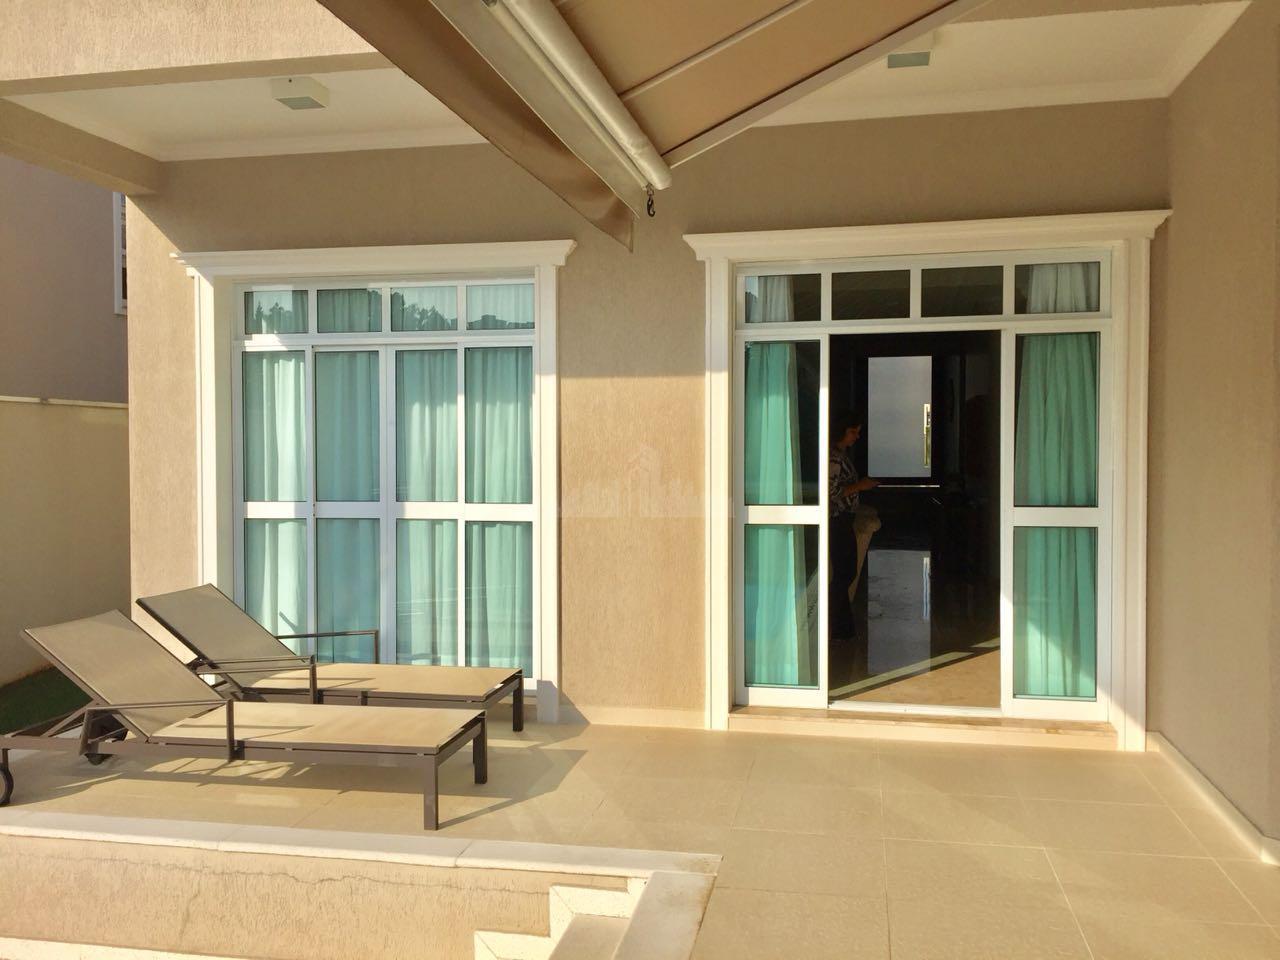 excelente residencia toda mobiliada, em um ótimo condomínio fechado em alphaville, com toda segurança e infraestrutura...